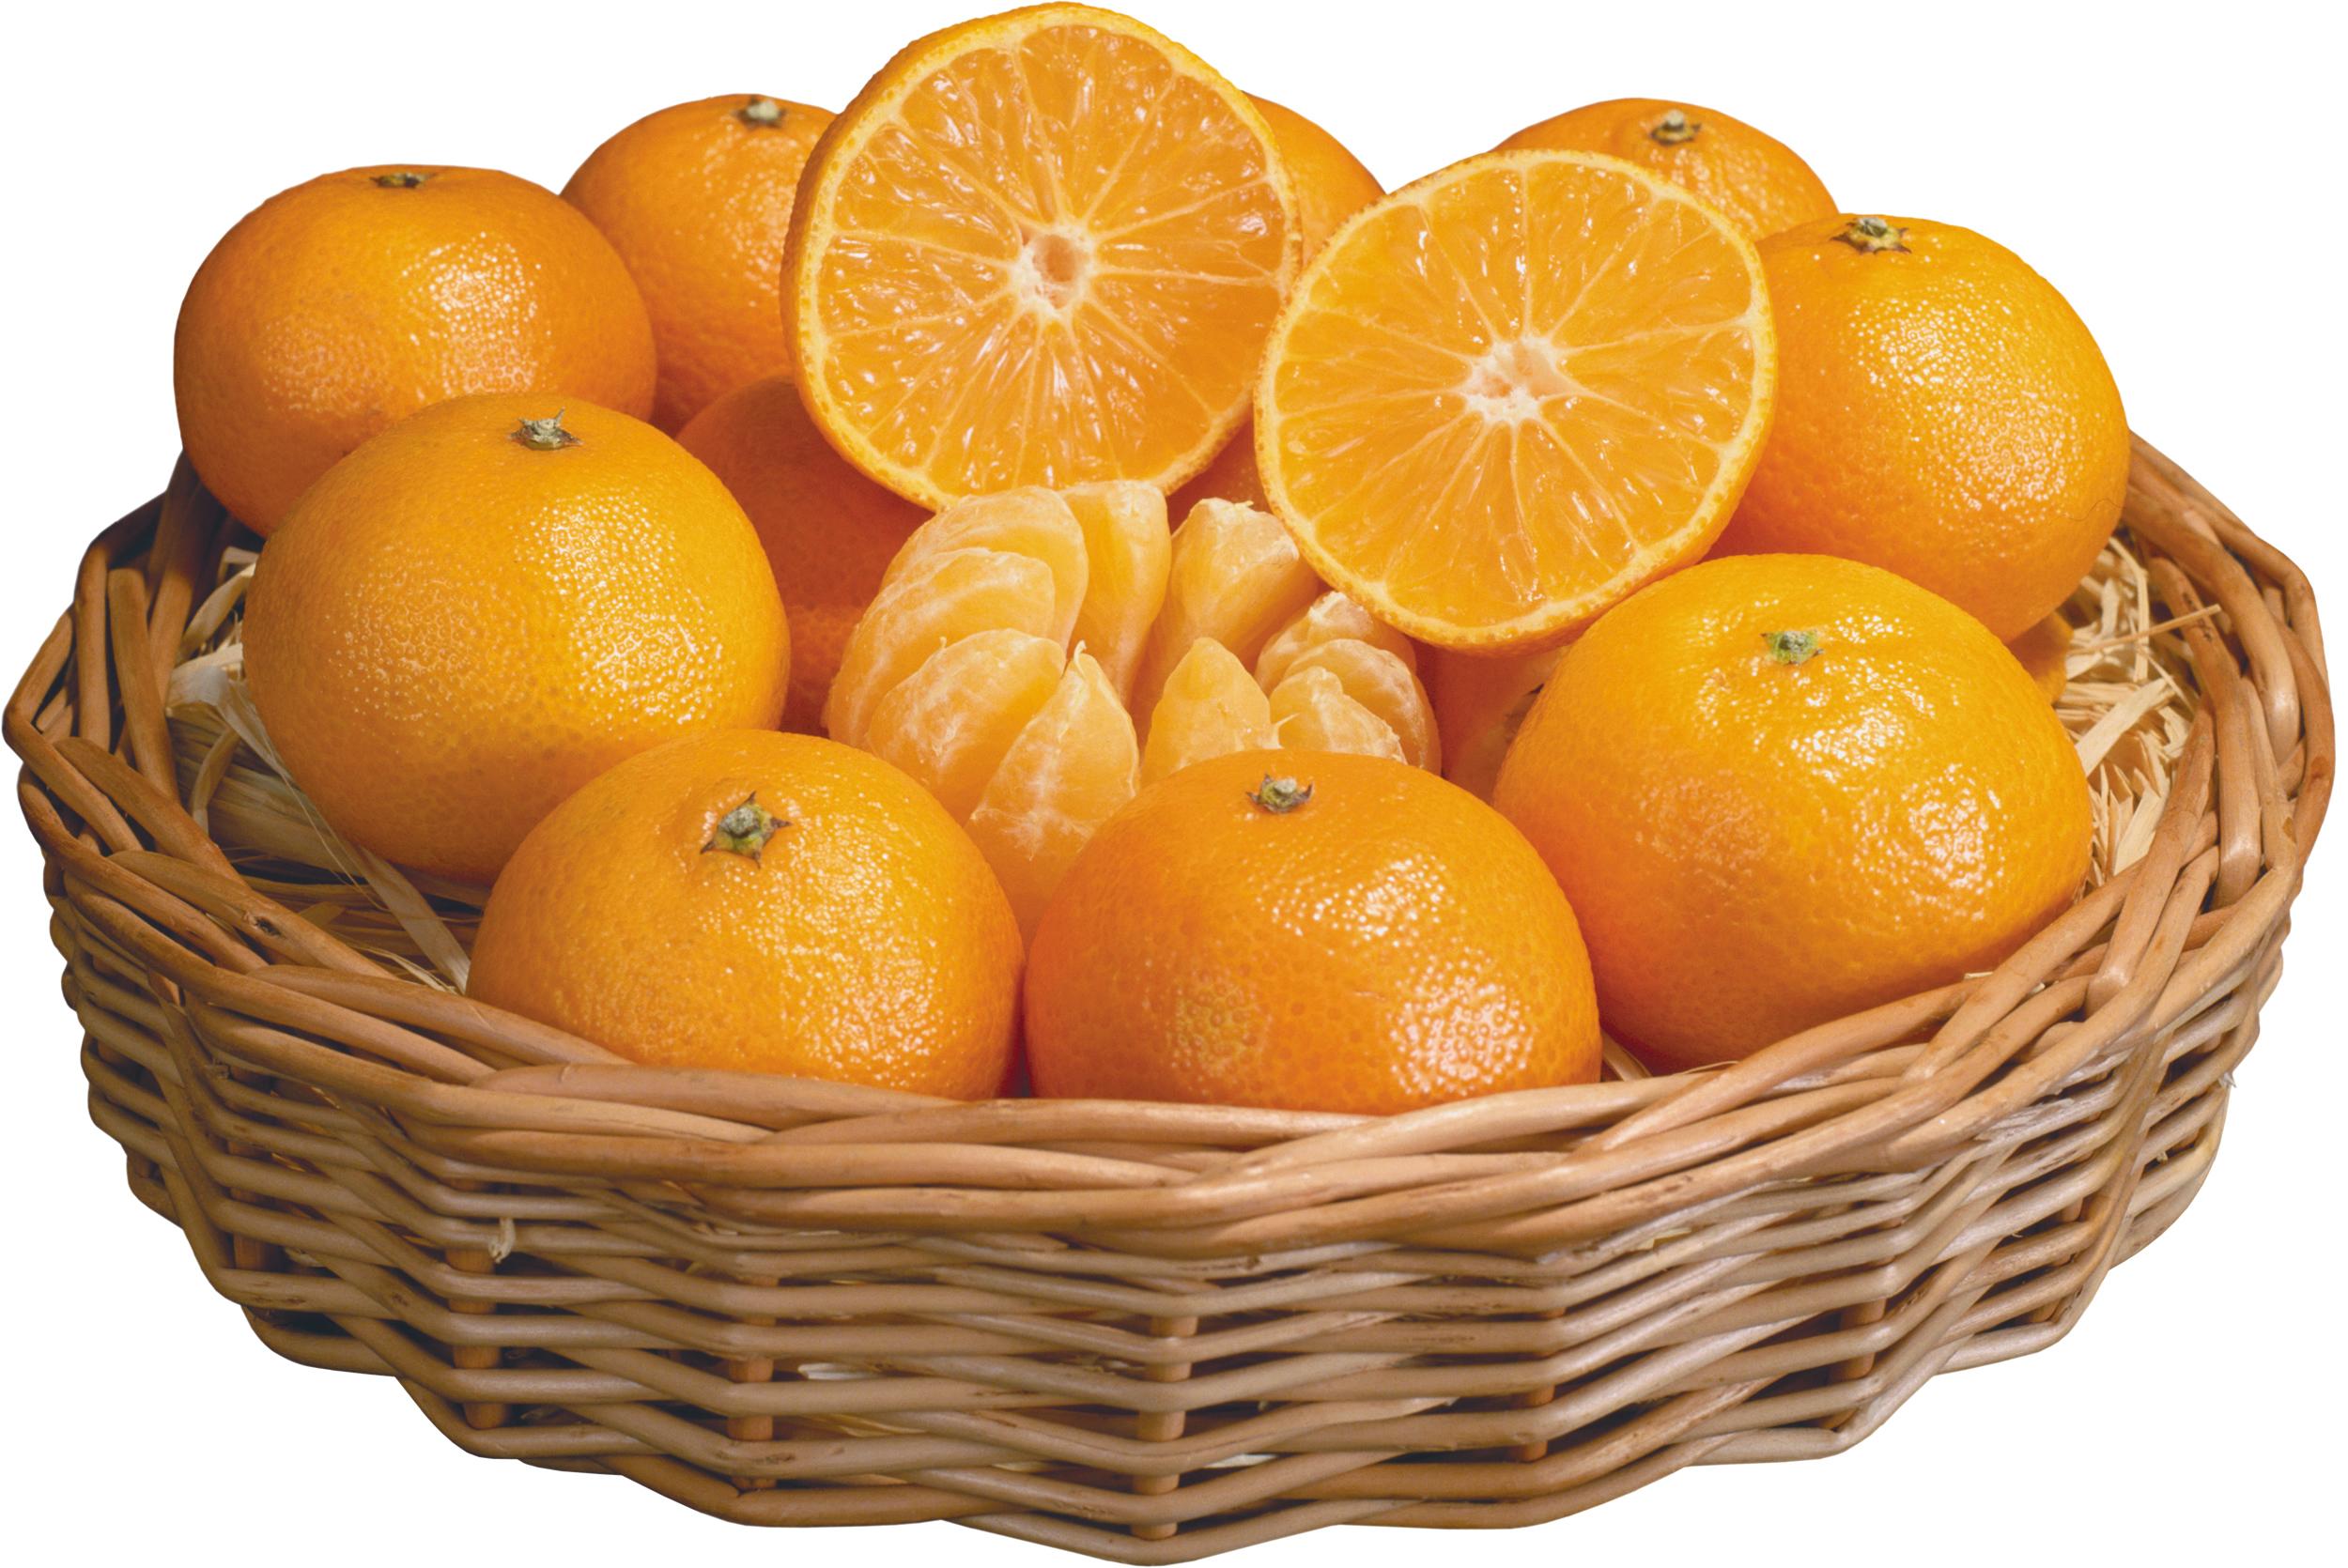 oranges-3-dozen-in-basket